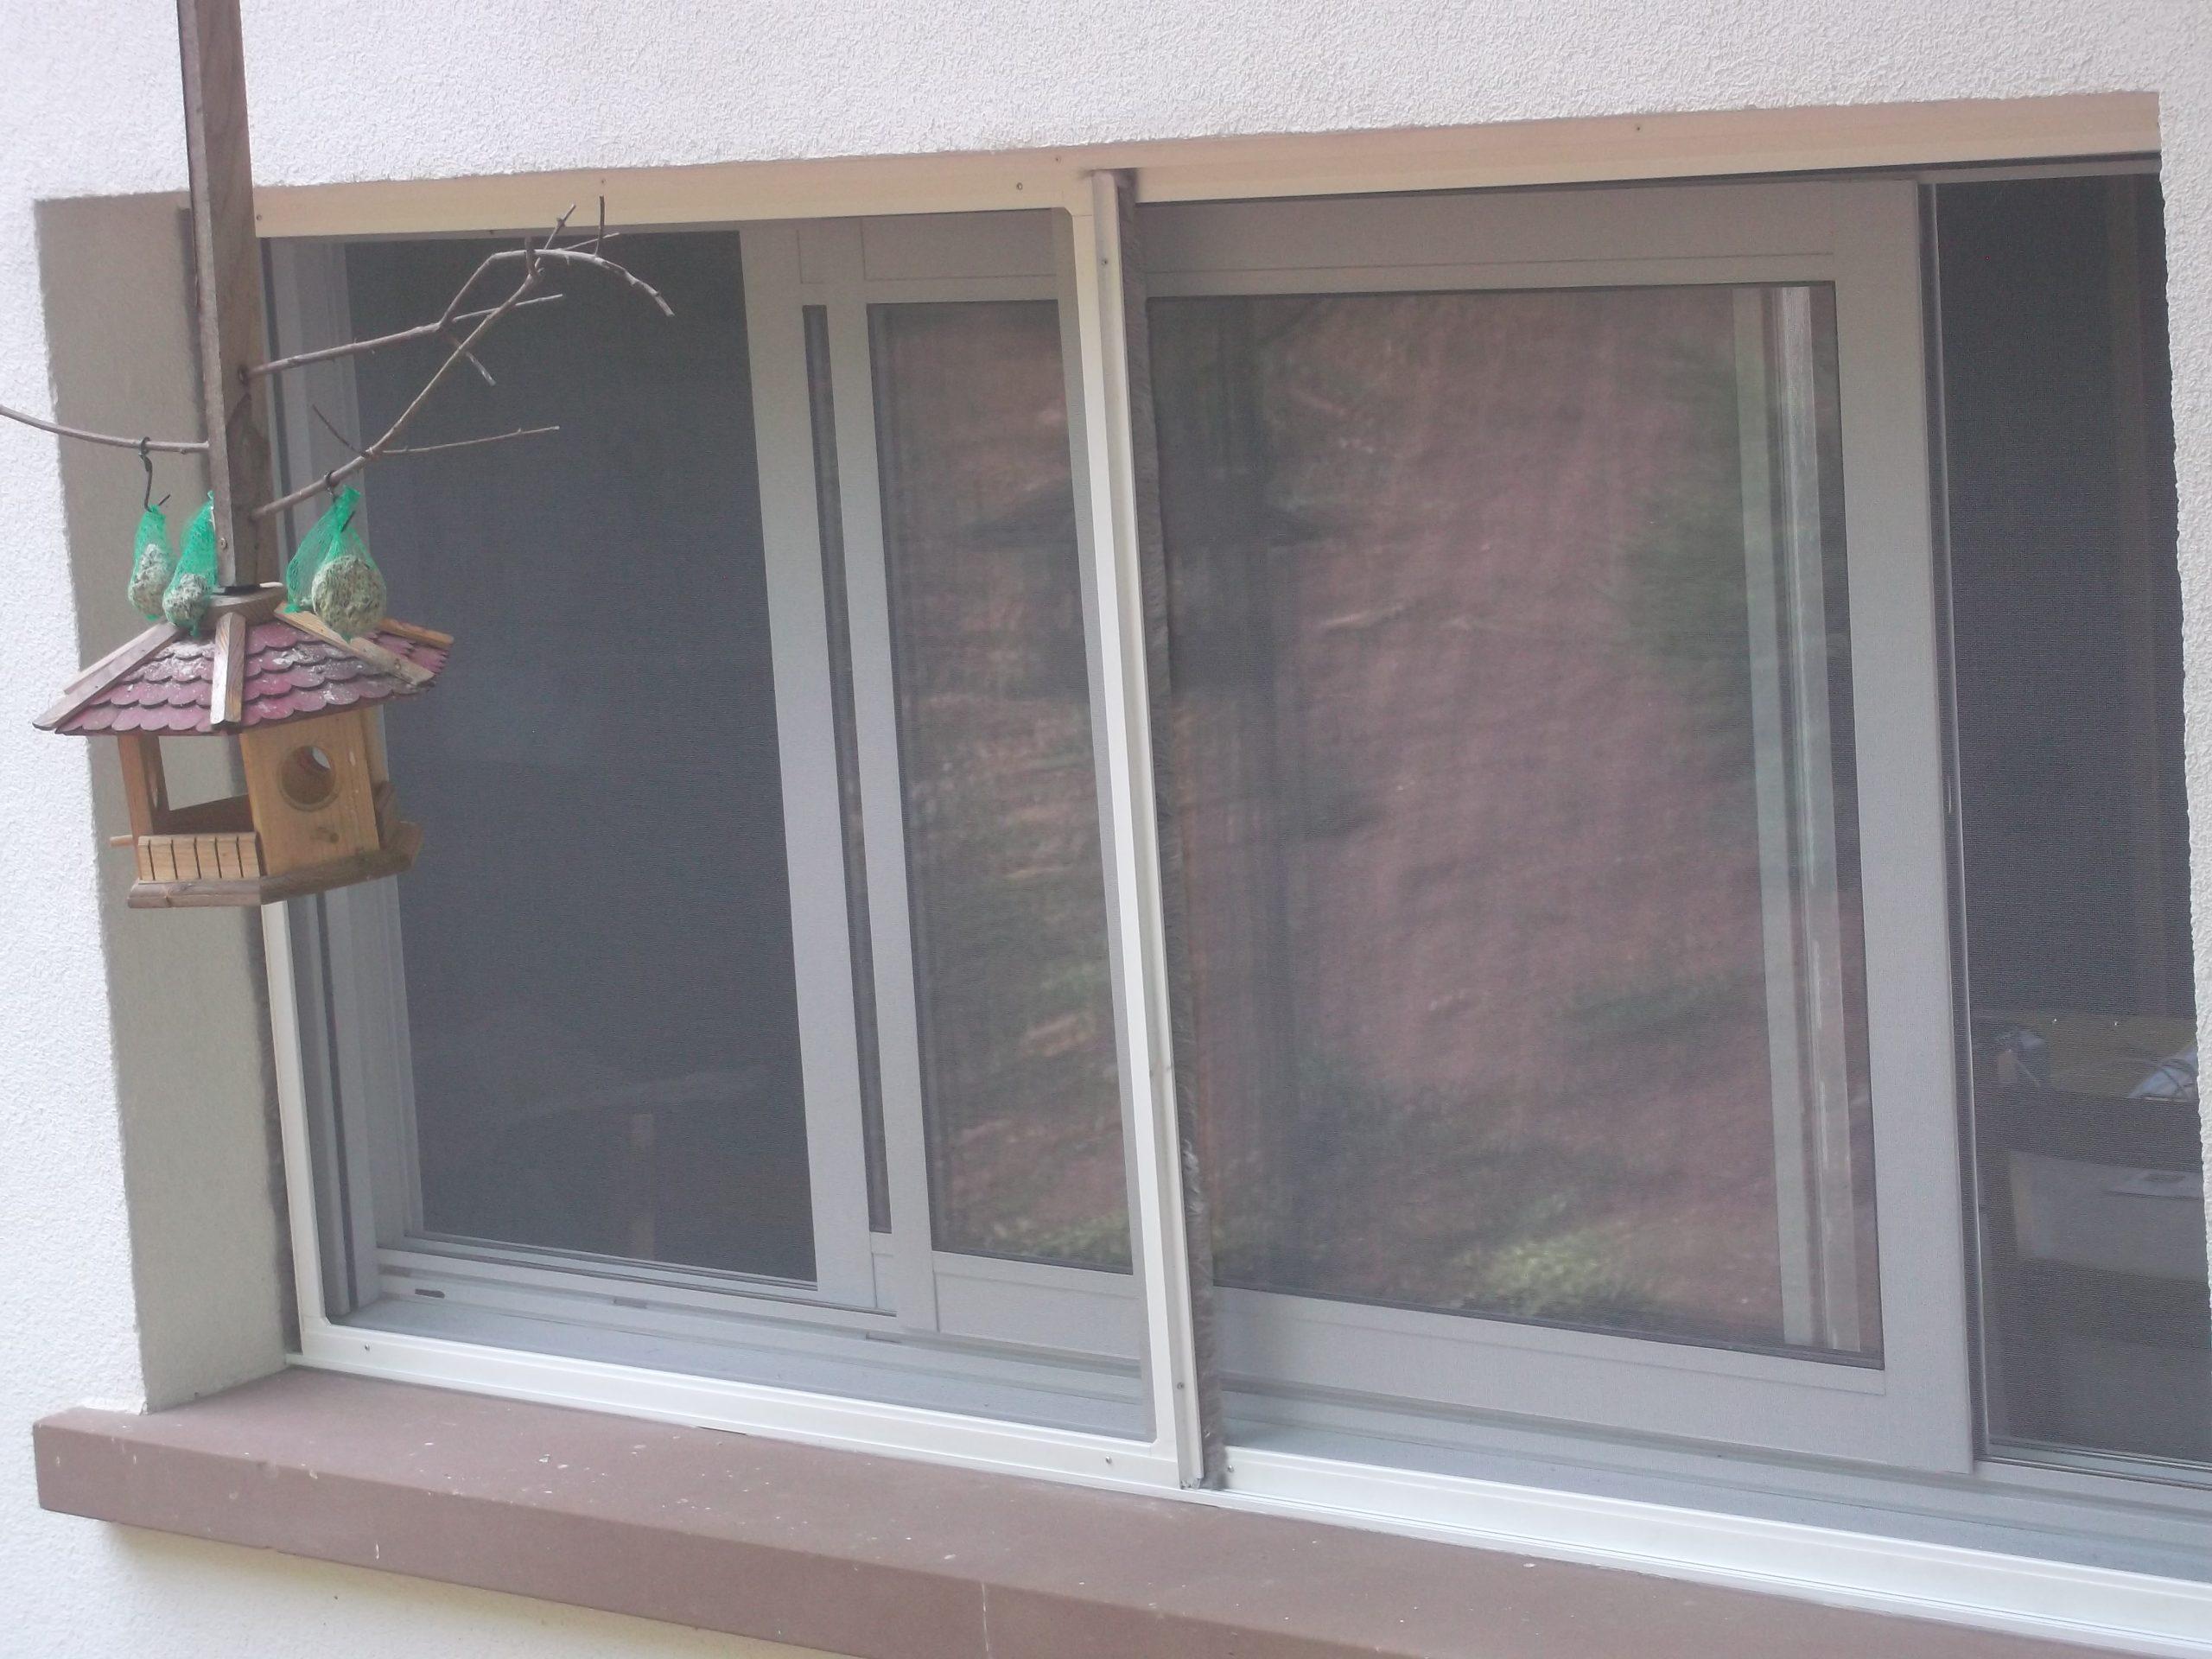 Full Size of Insektenschutzgitter Katzen Hundegewebe Fenster Marken Rolladen Herne Einbruchschutz Winkhaus Insektenschutz Für Velux Einbauen Fliegengitter Maßanfertigung Fenster Fliegengitter Fenster Maßanfertigung